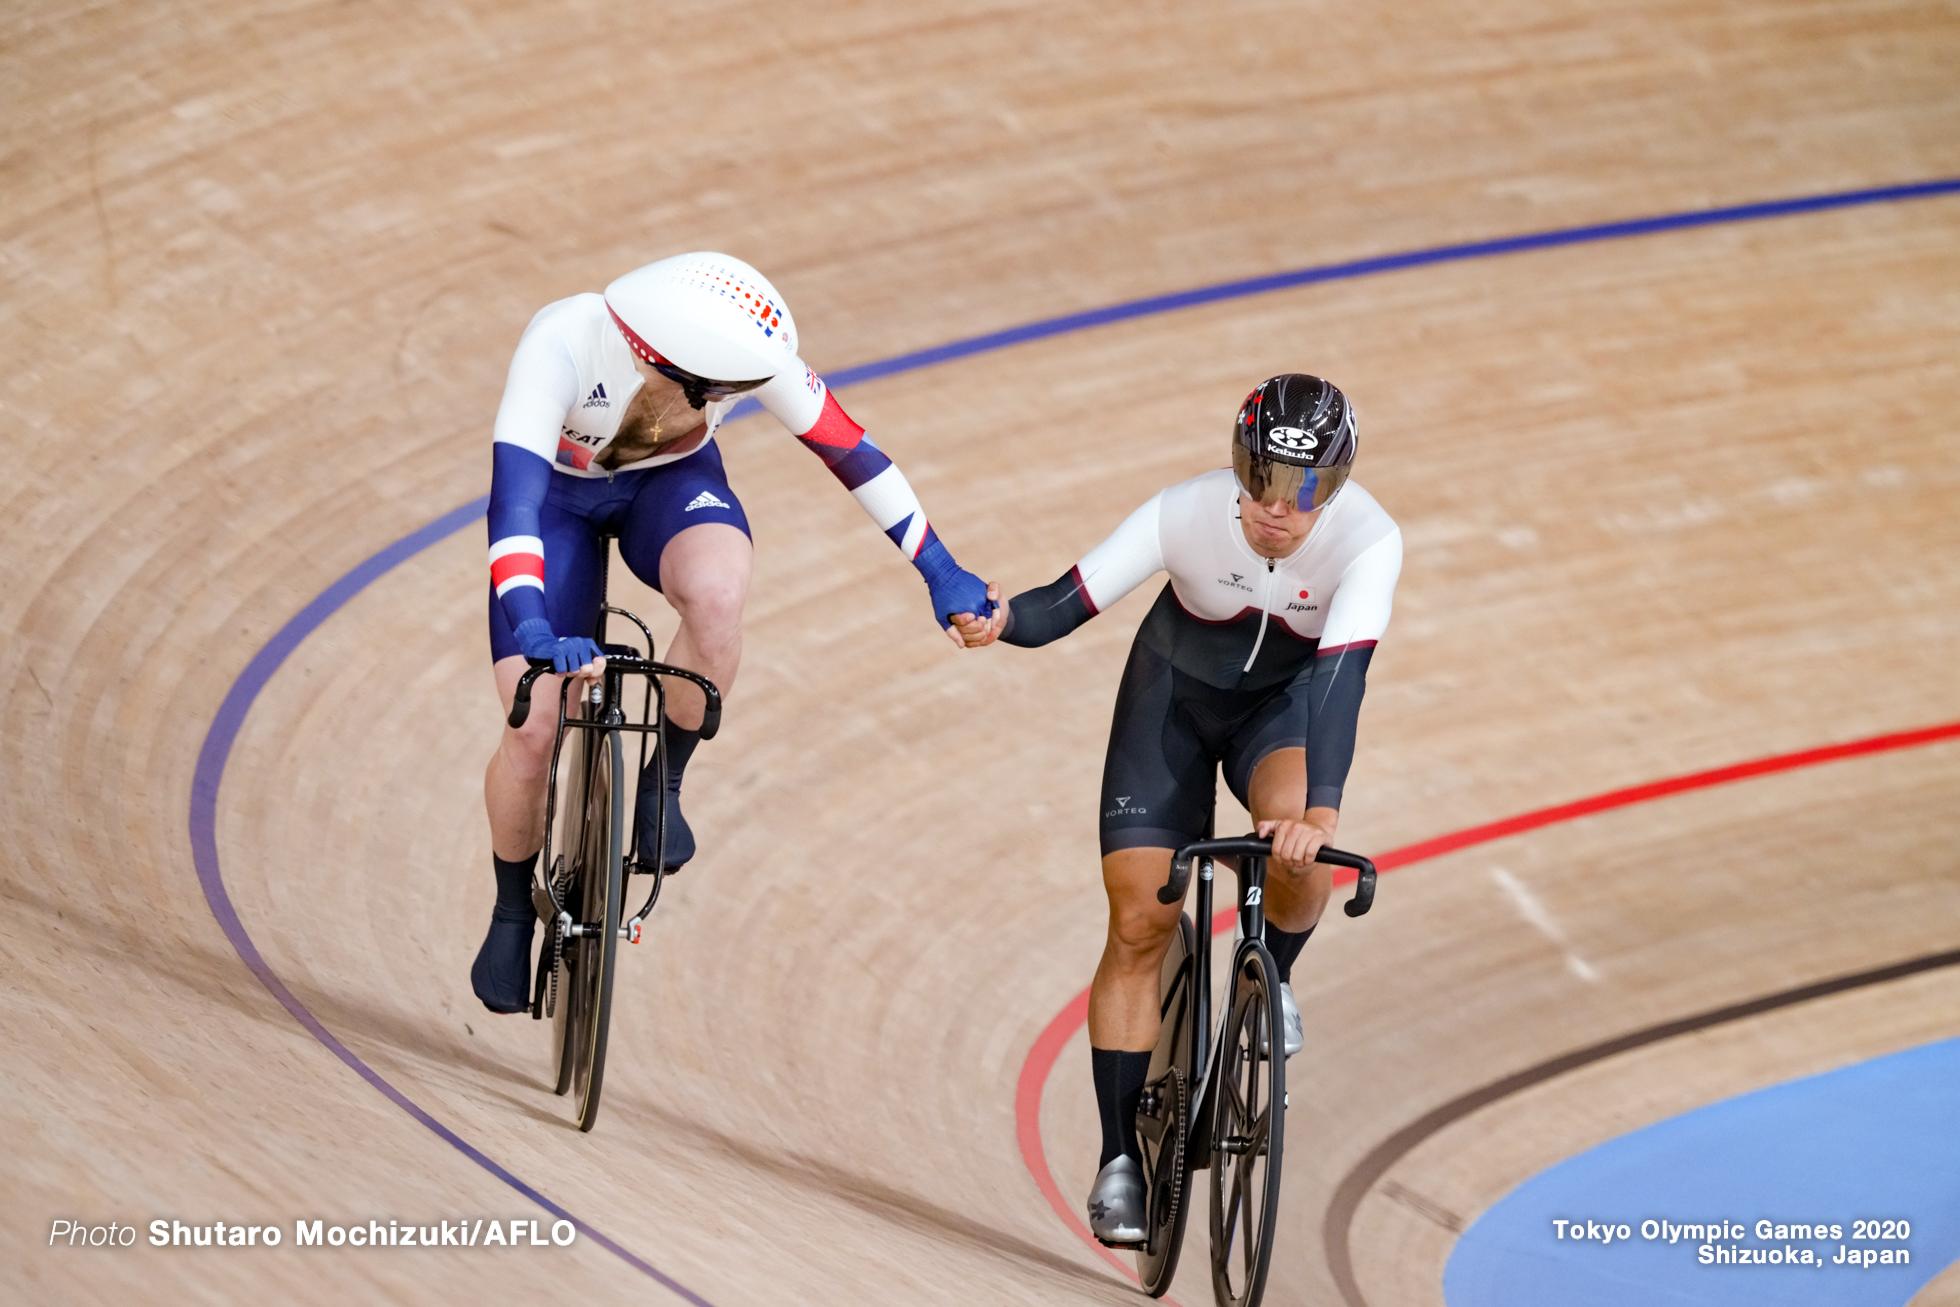 ジェイソン・ケニー Jason Kenny (GBR), 脇本雄太 Yuta Wakimoto (JPN), Men's Sprint 1/16 Final AUGUST 4, 2021 - Cycling : during the Tokyo 2020 Olympic Games at the Izu Velodrome in Shizuoka, Japan. (Photo by Shutaro Mochizuki/AFLO)